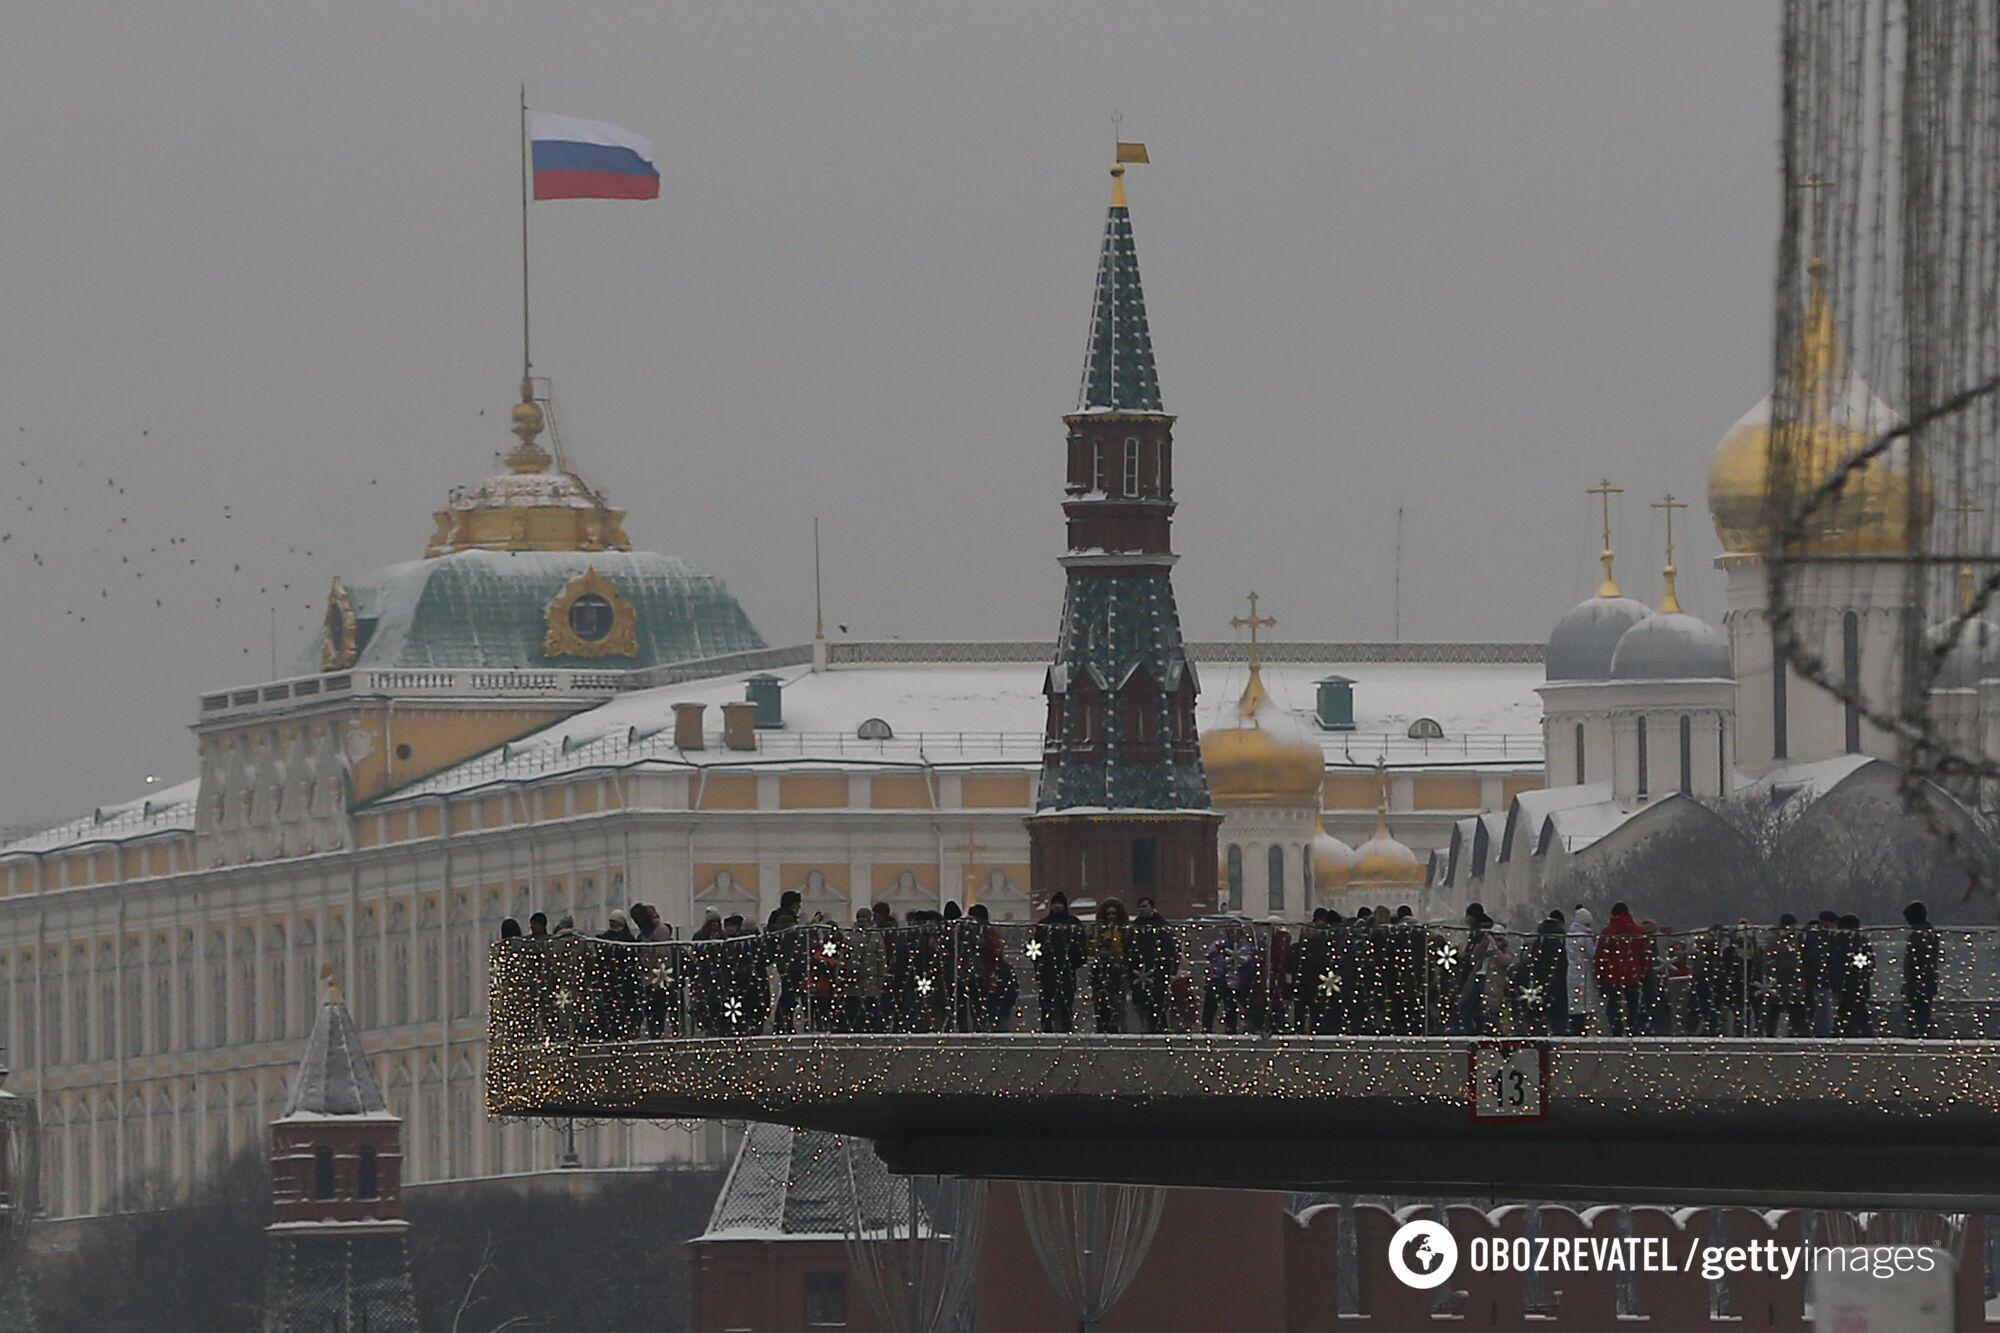 Російський журналіст Костянтин Еггерт вважає, що в Росії політичну вагу чиновника визначає його державна посада